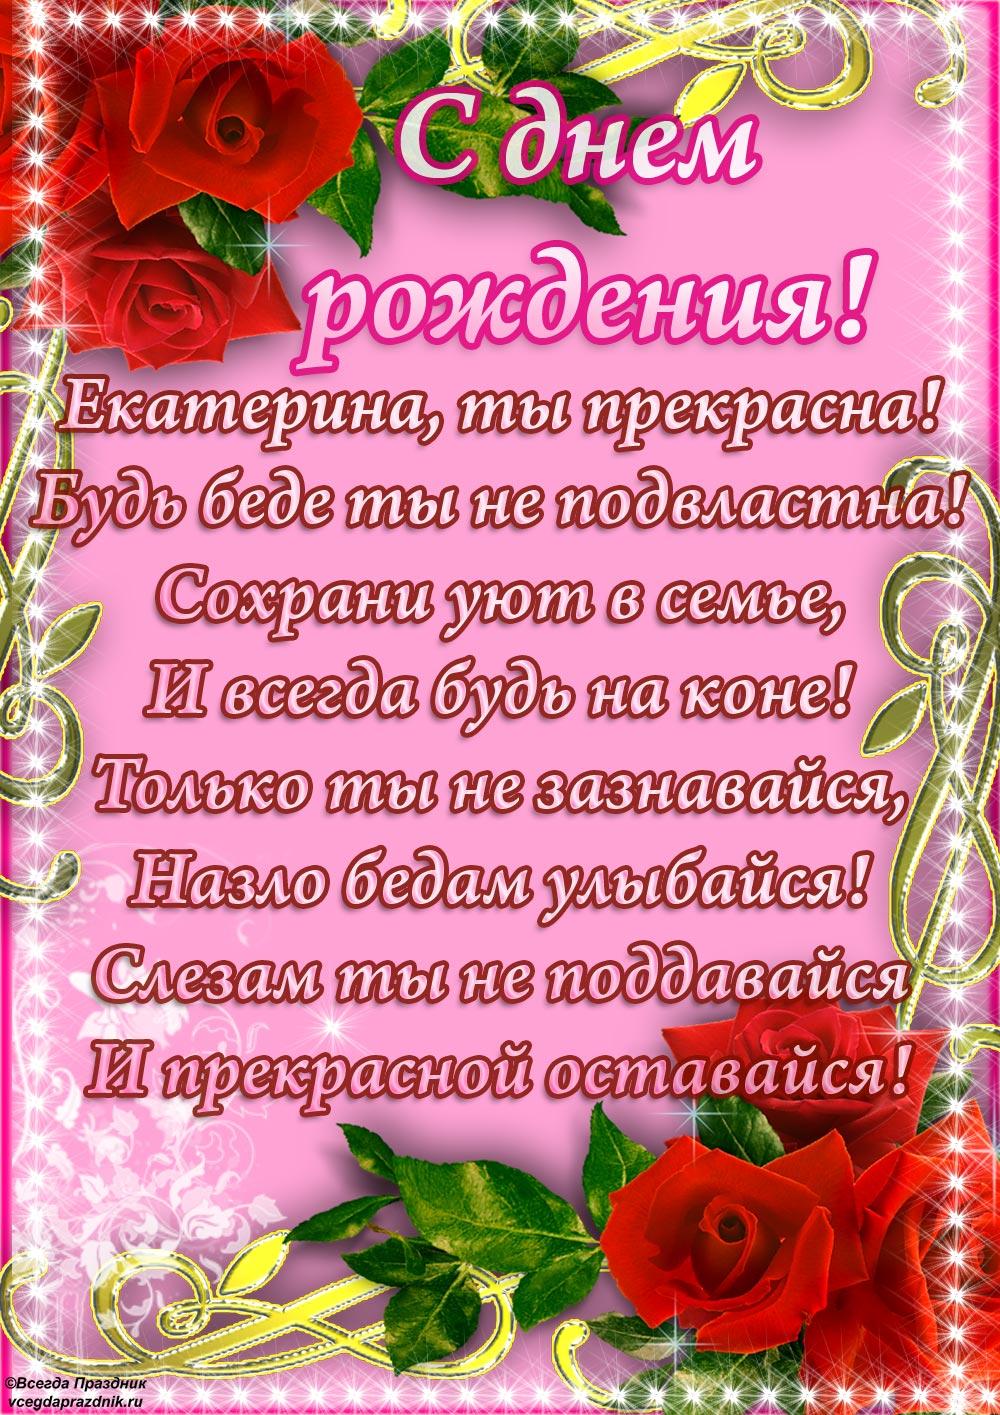 Черкесскими, именные открытки с днем рождения екатерина